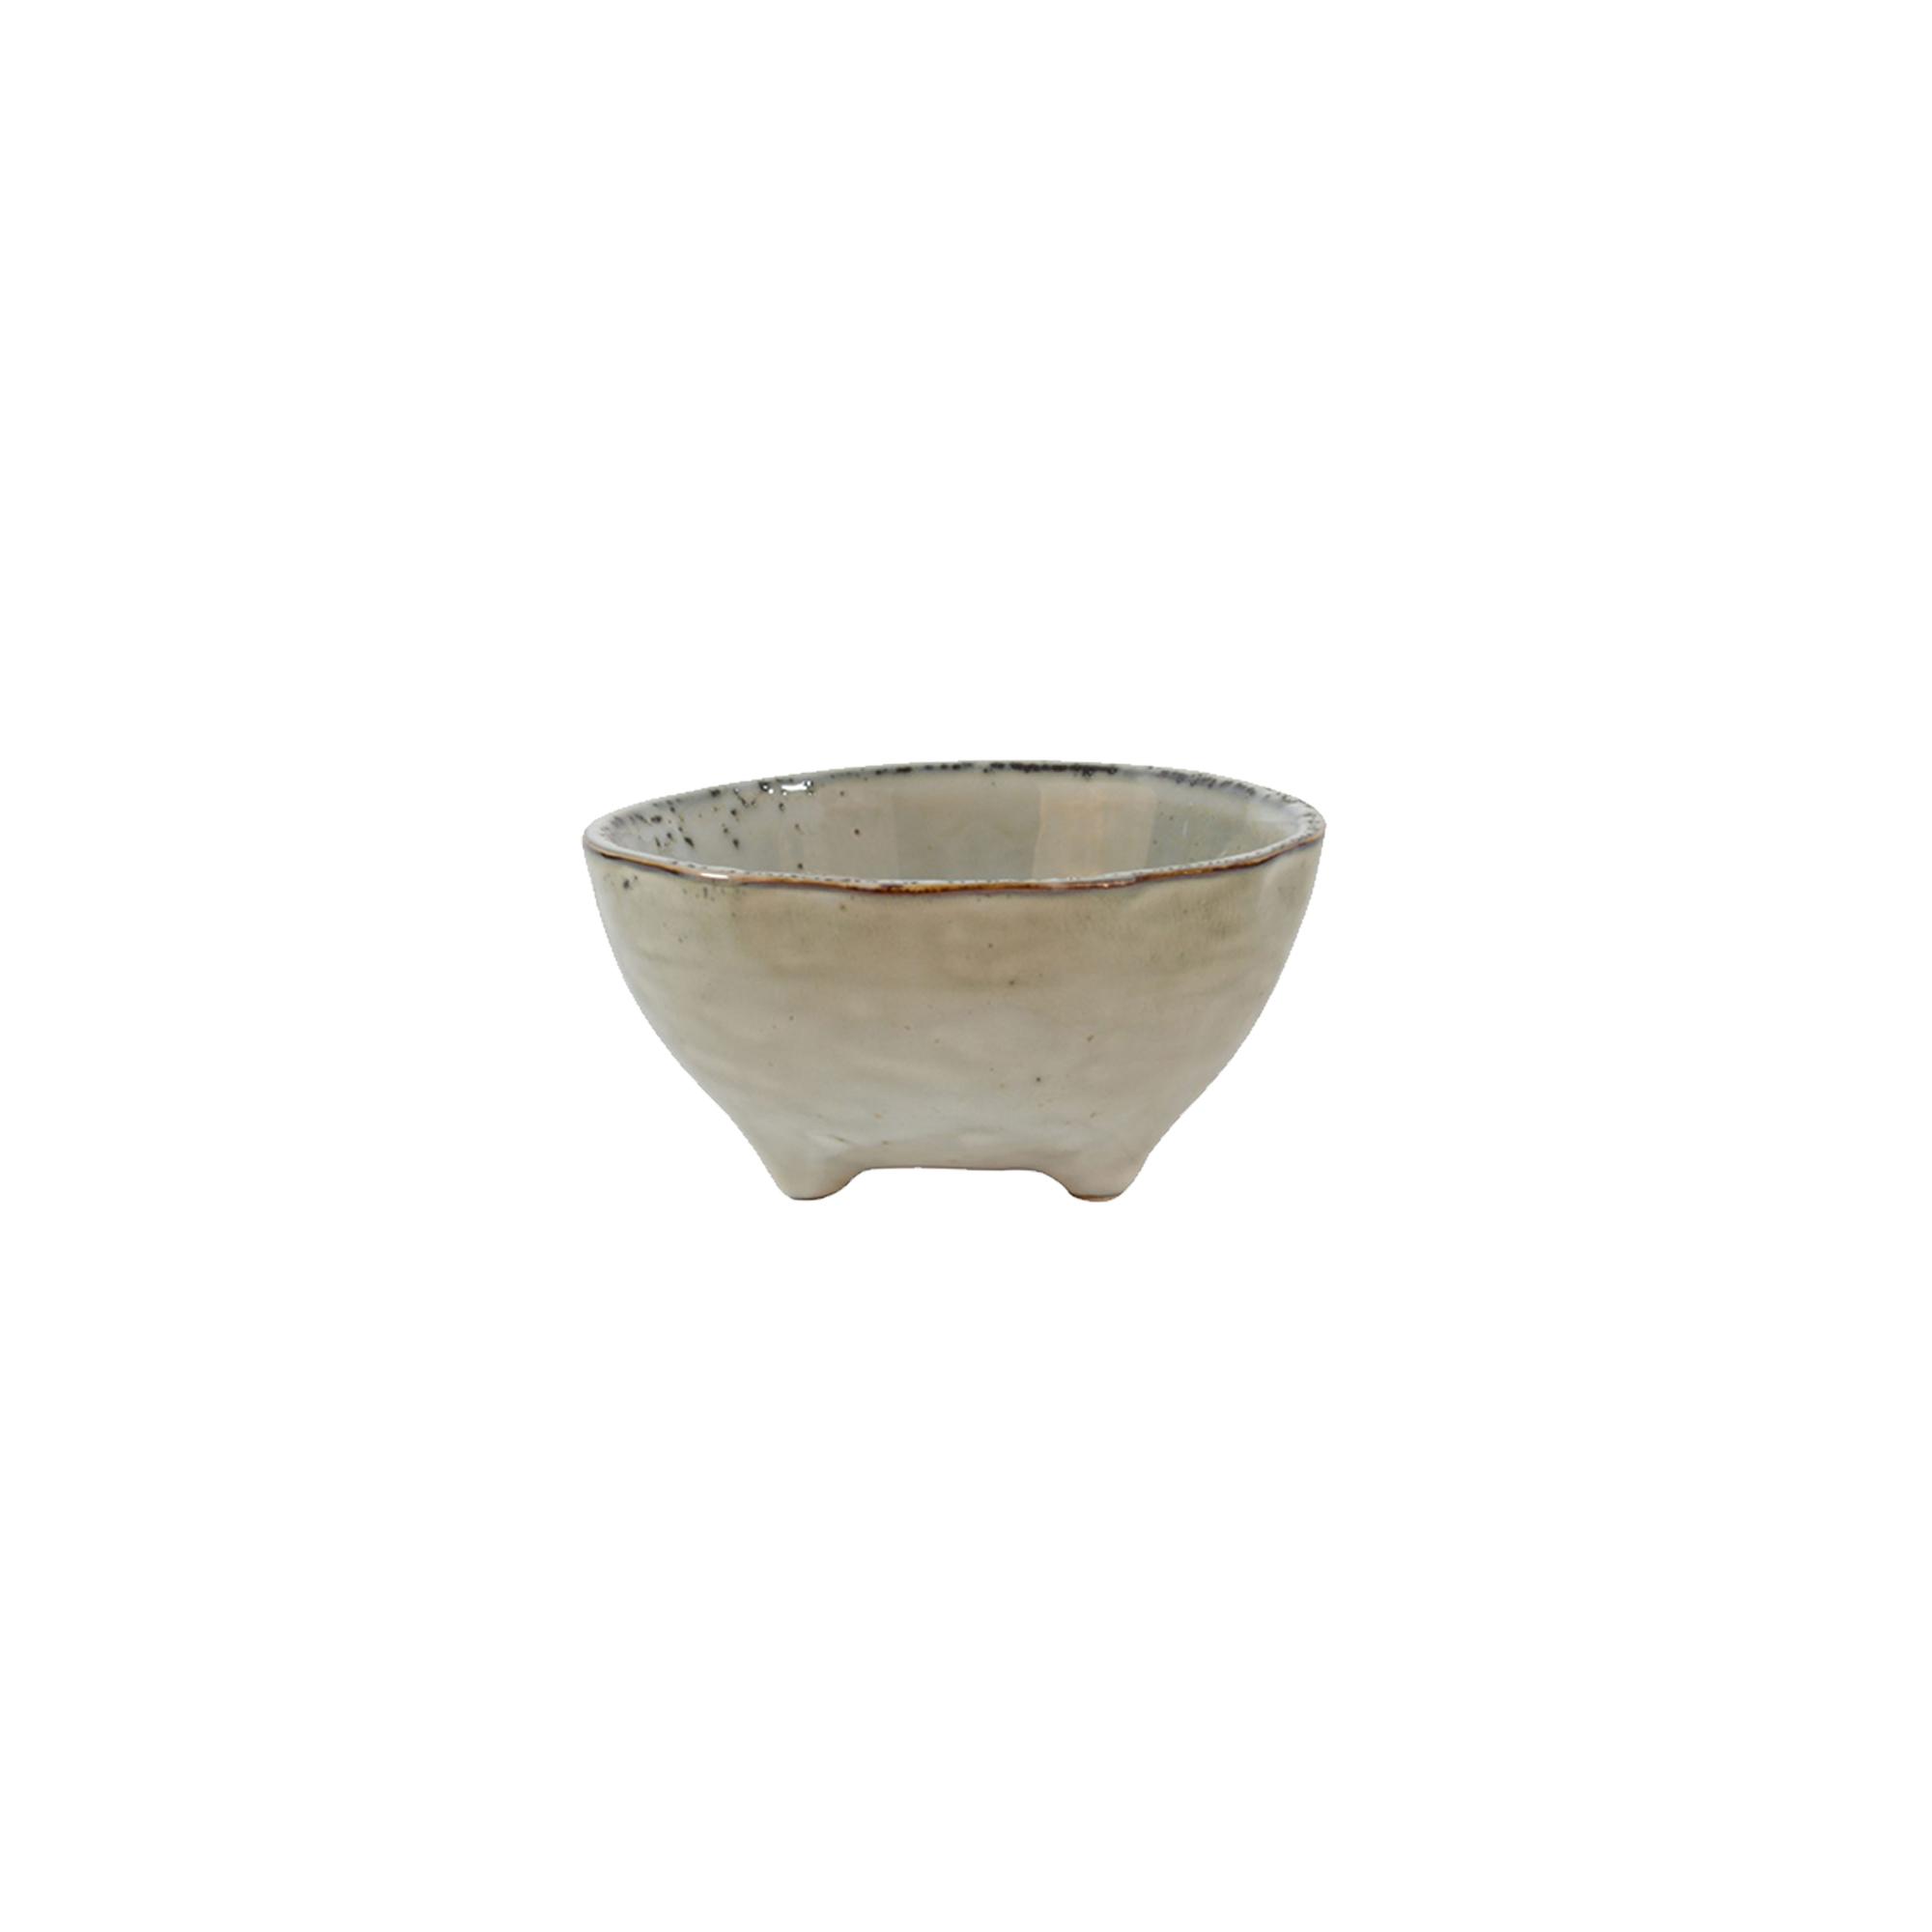 Coupelle sur pied en grès artisanal beige 9.5 cm - Lot de 6